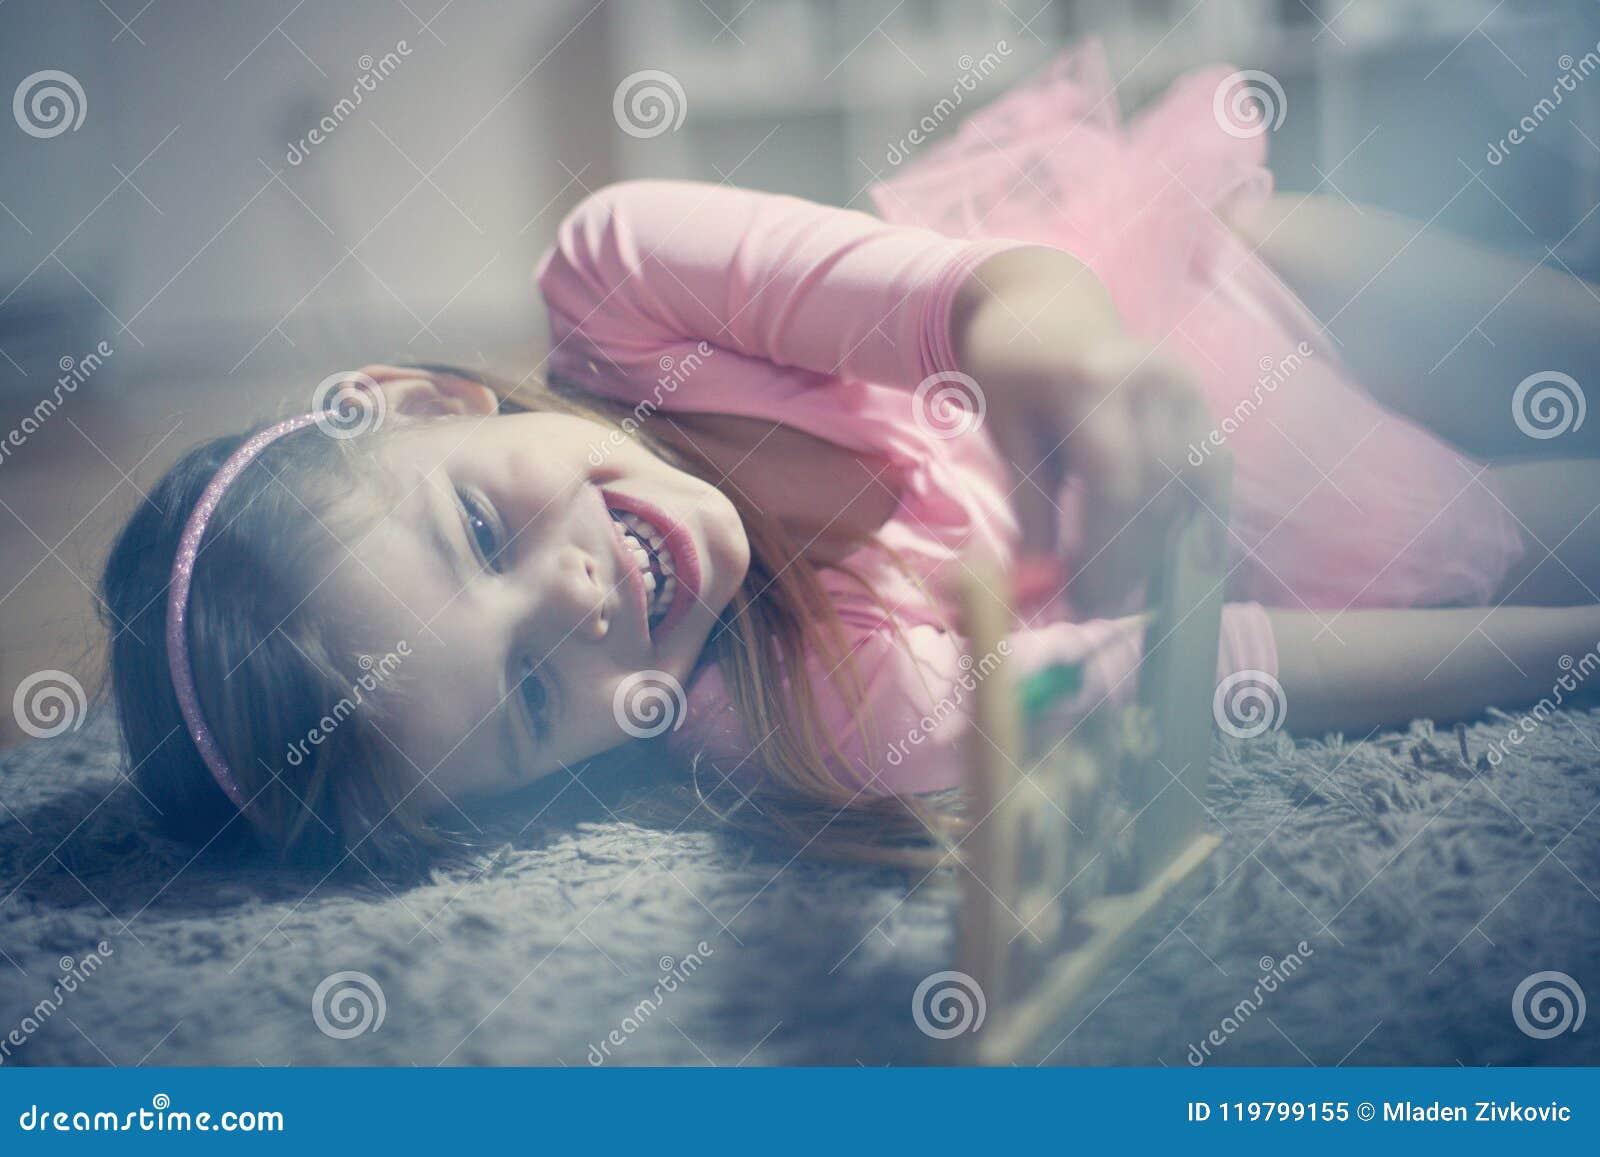 Abakus i mała dziewczynka